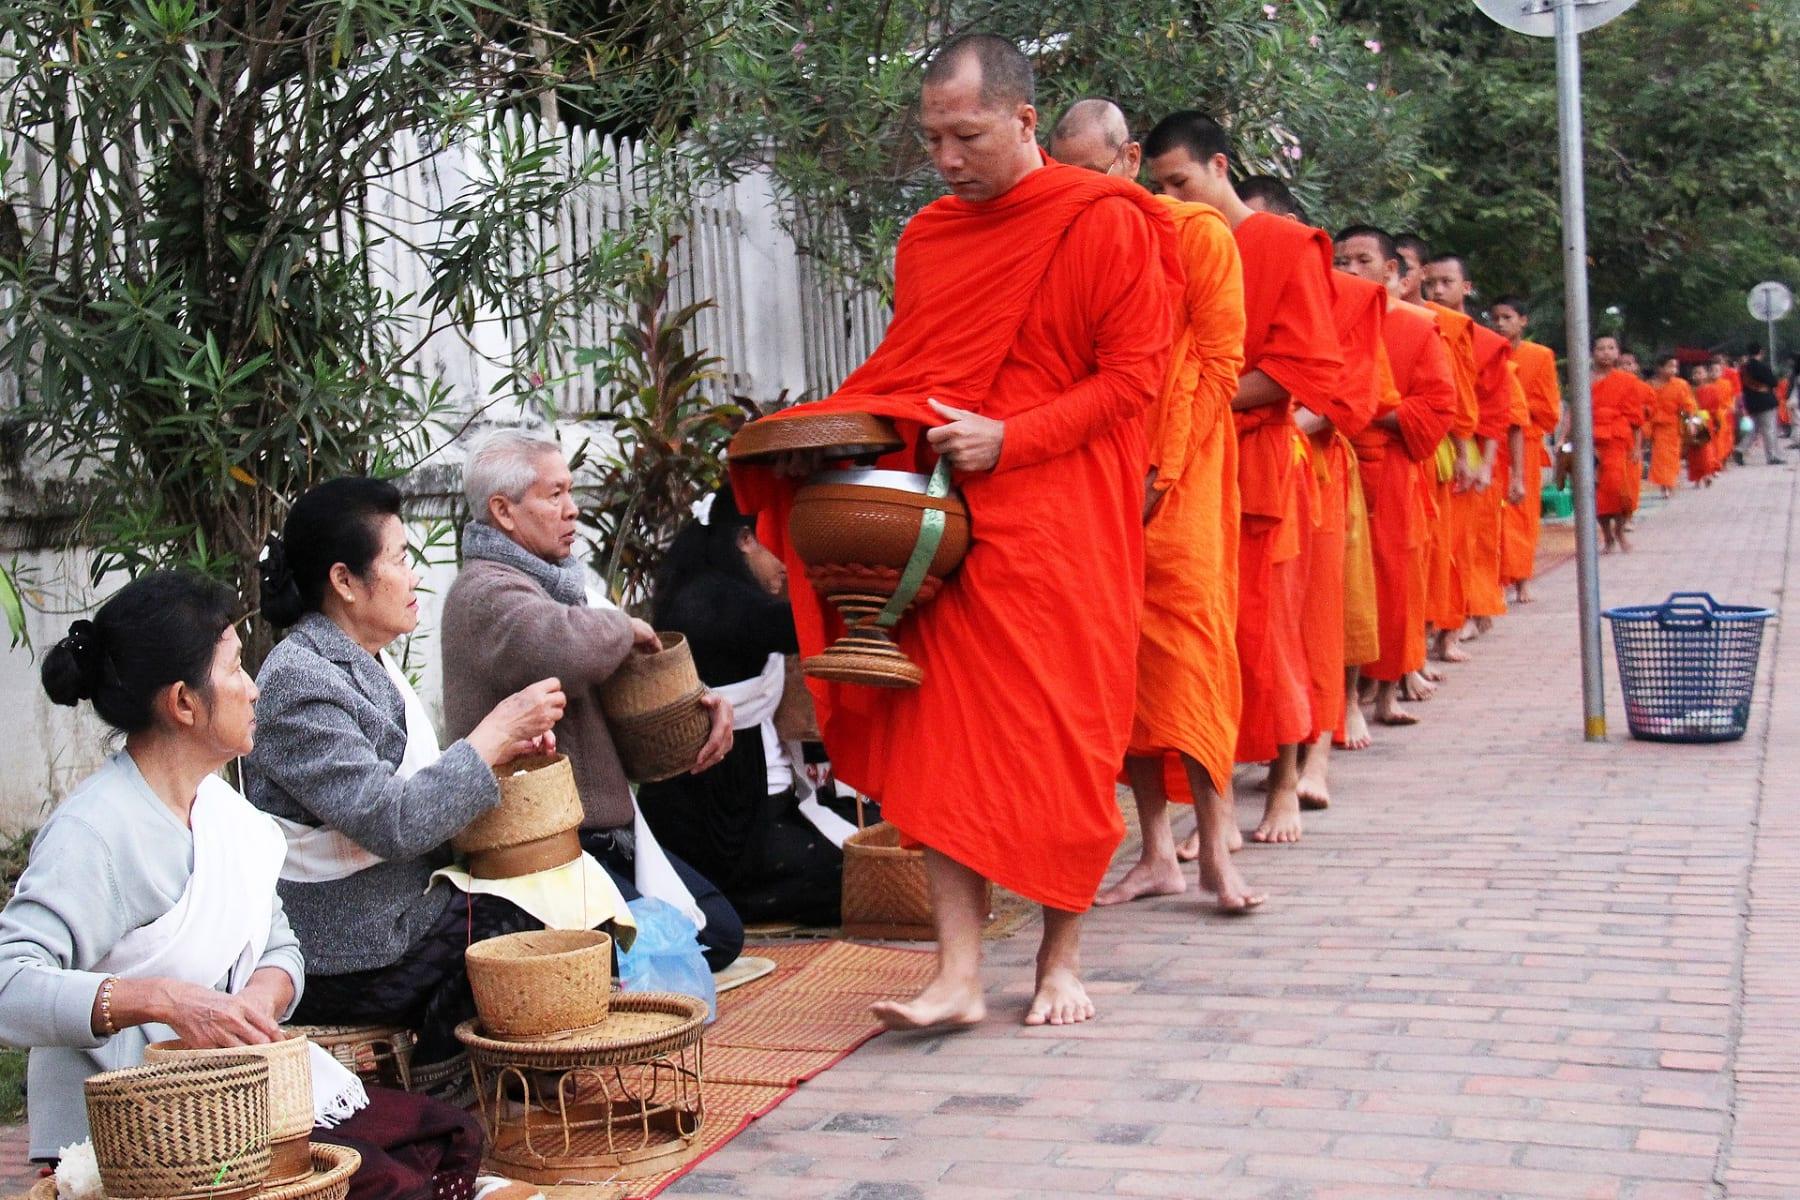 Ranní průvod mnichů, Luang Prabang, Laos